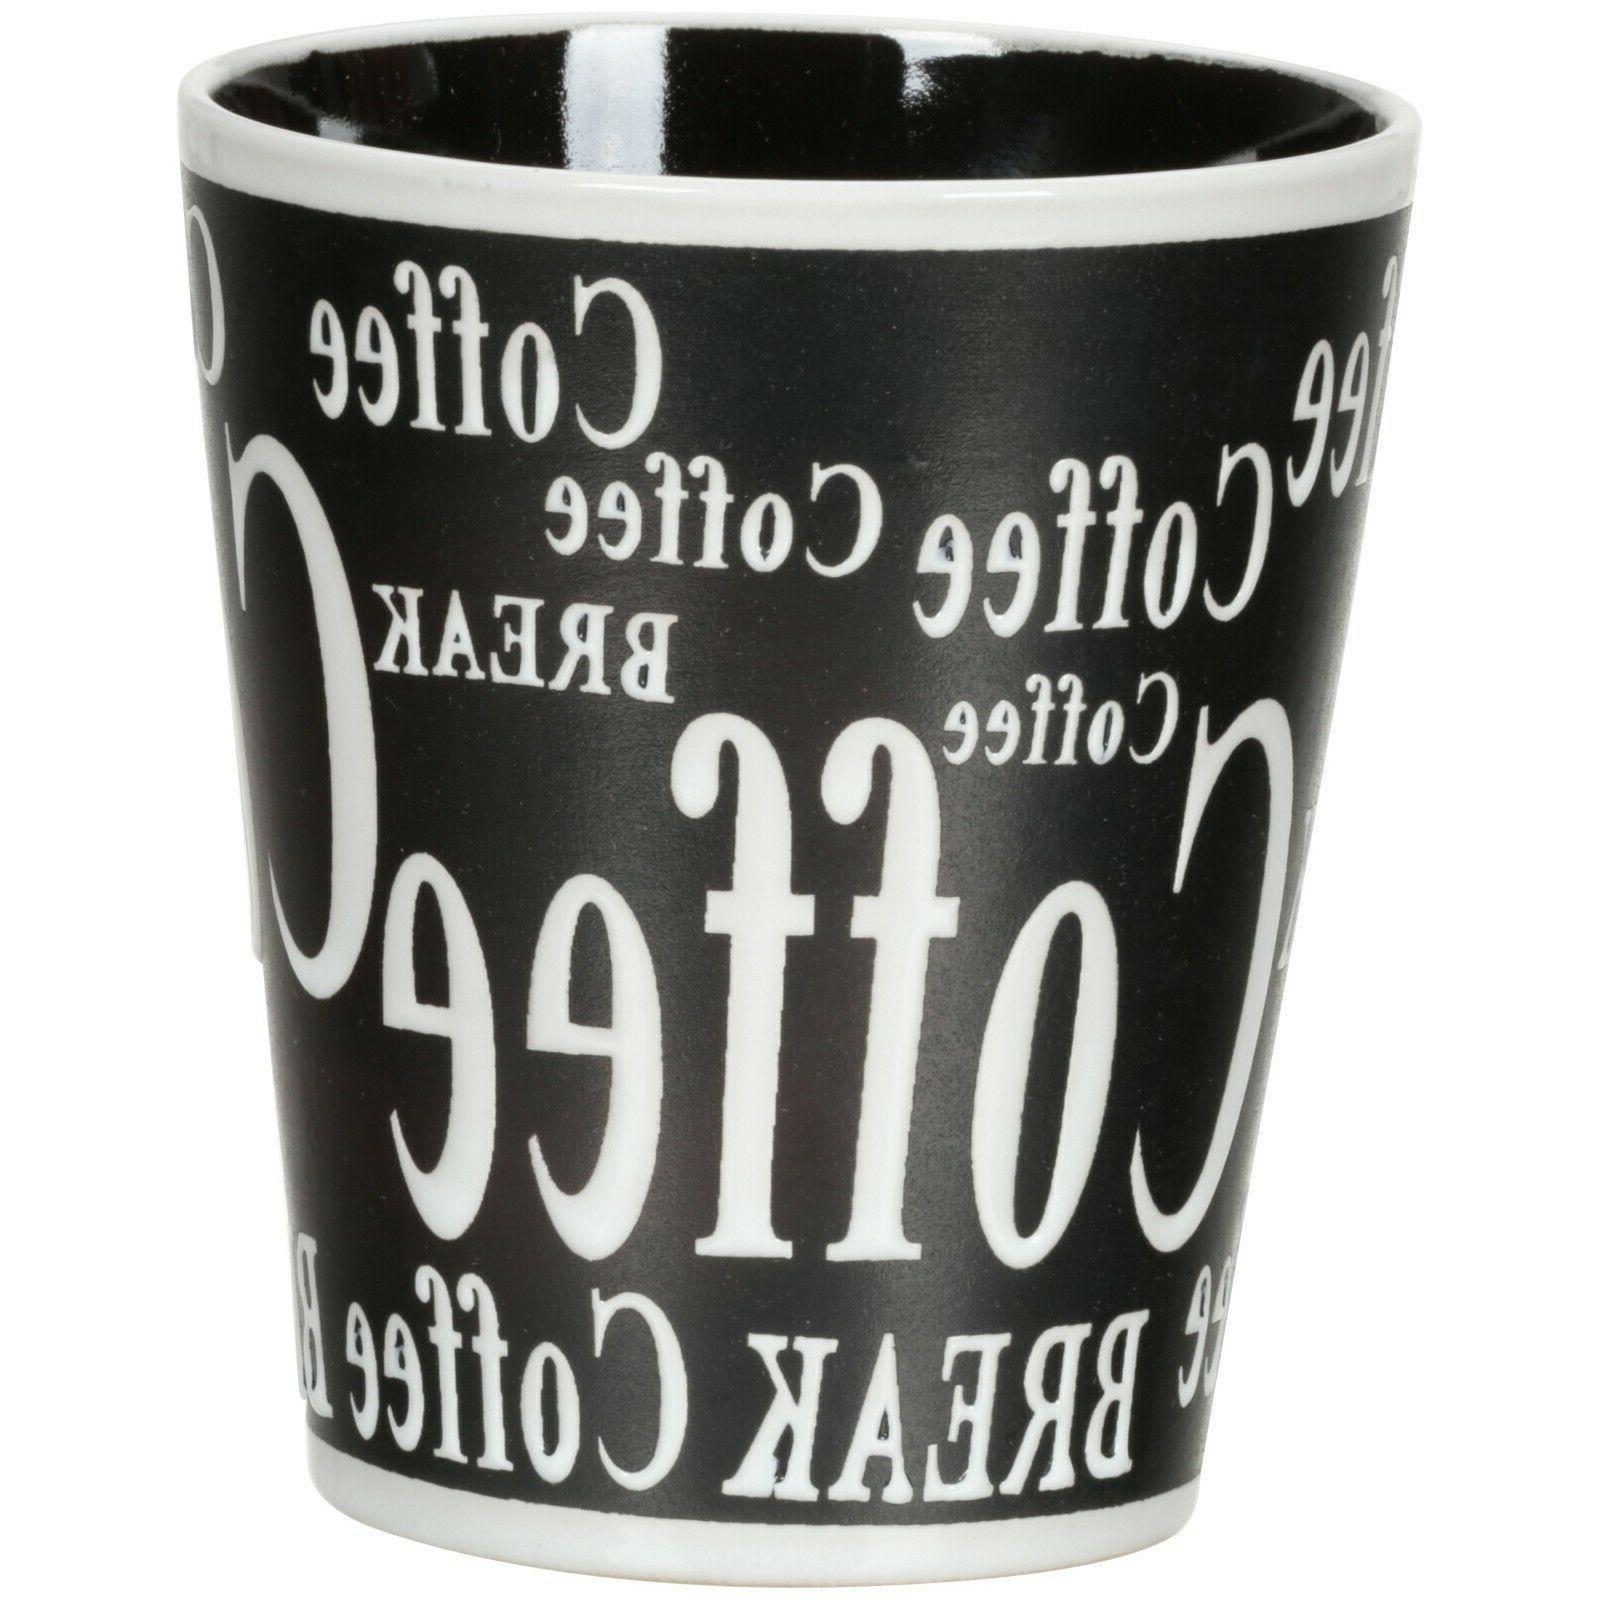 Mr. Coffee Mug Set